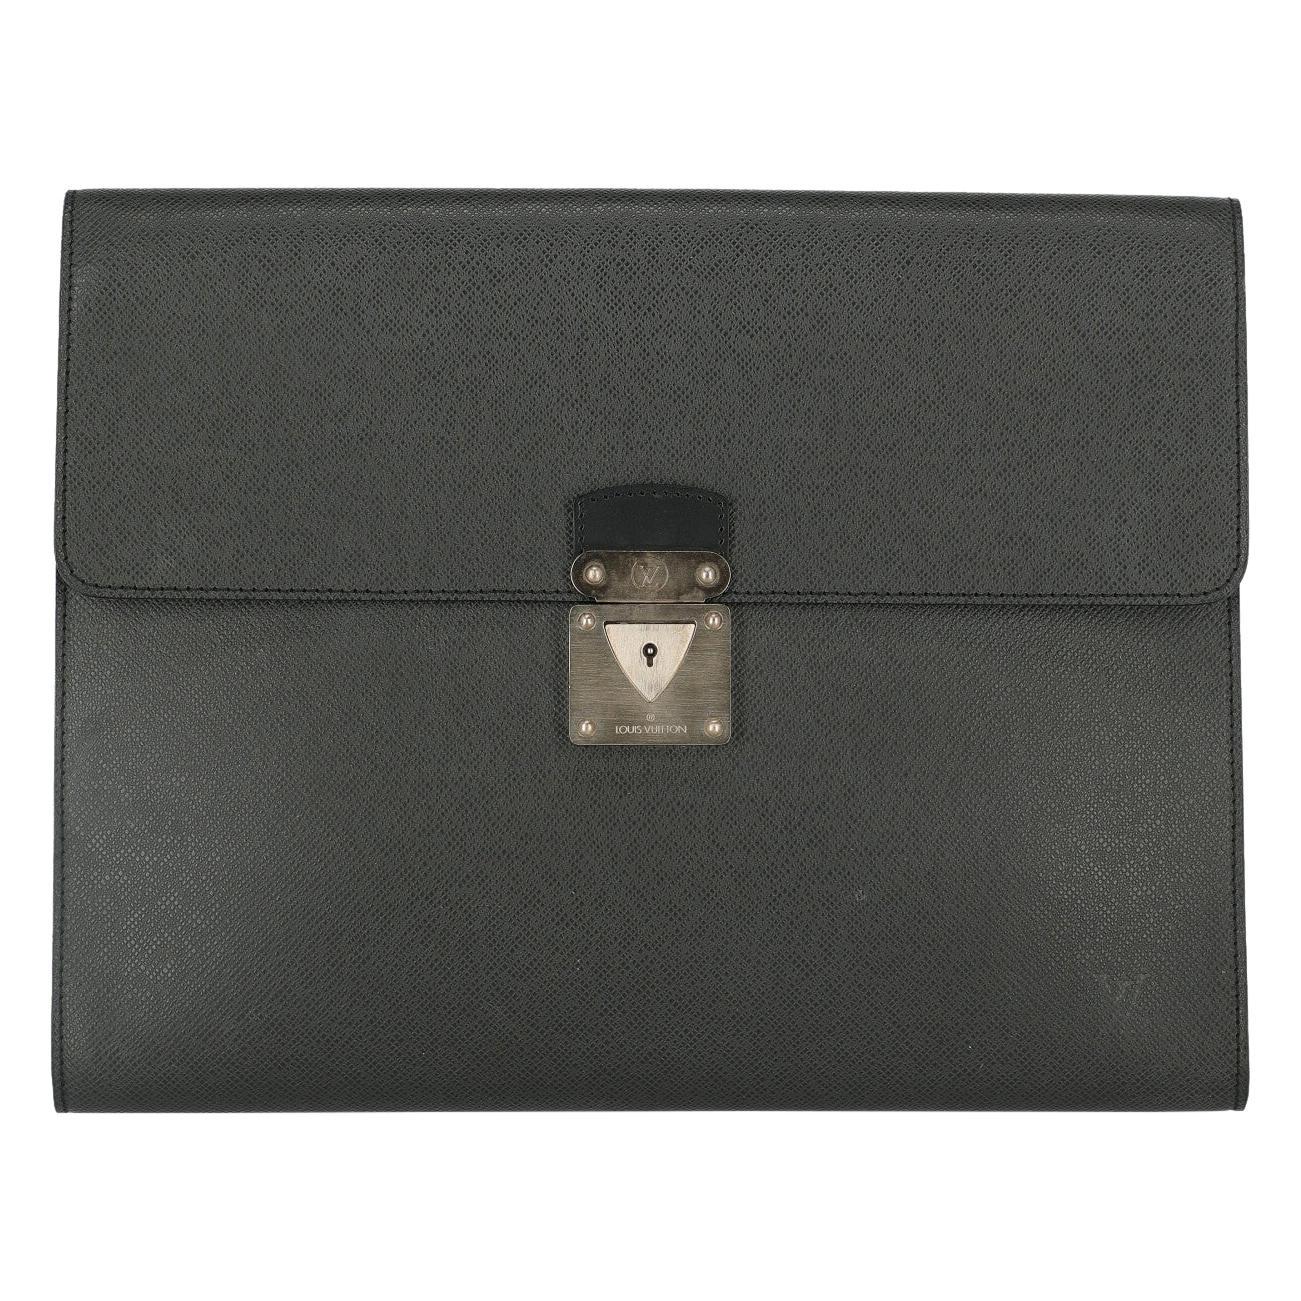 Louis Vuitton Woman Briefcase Black Leather